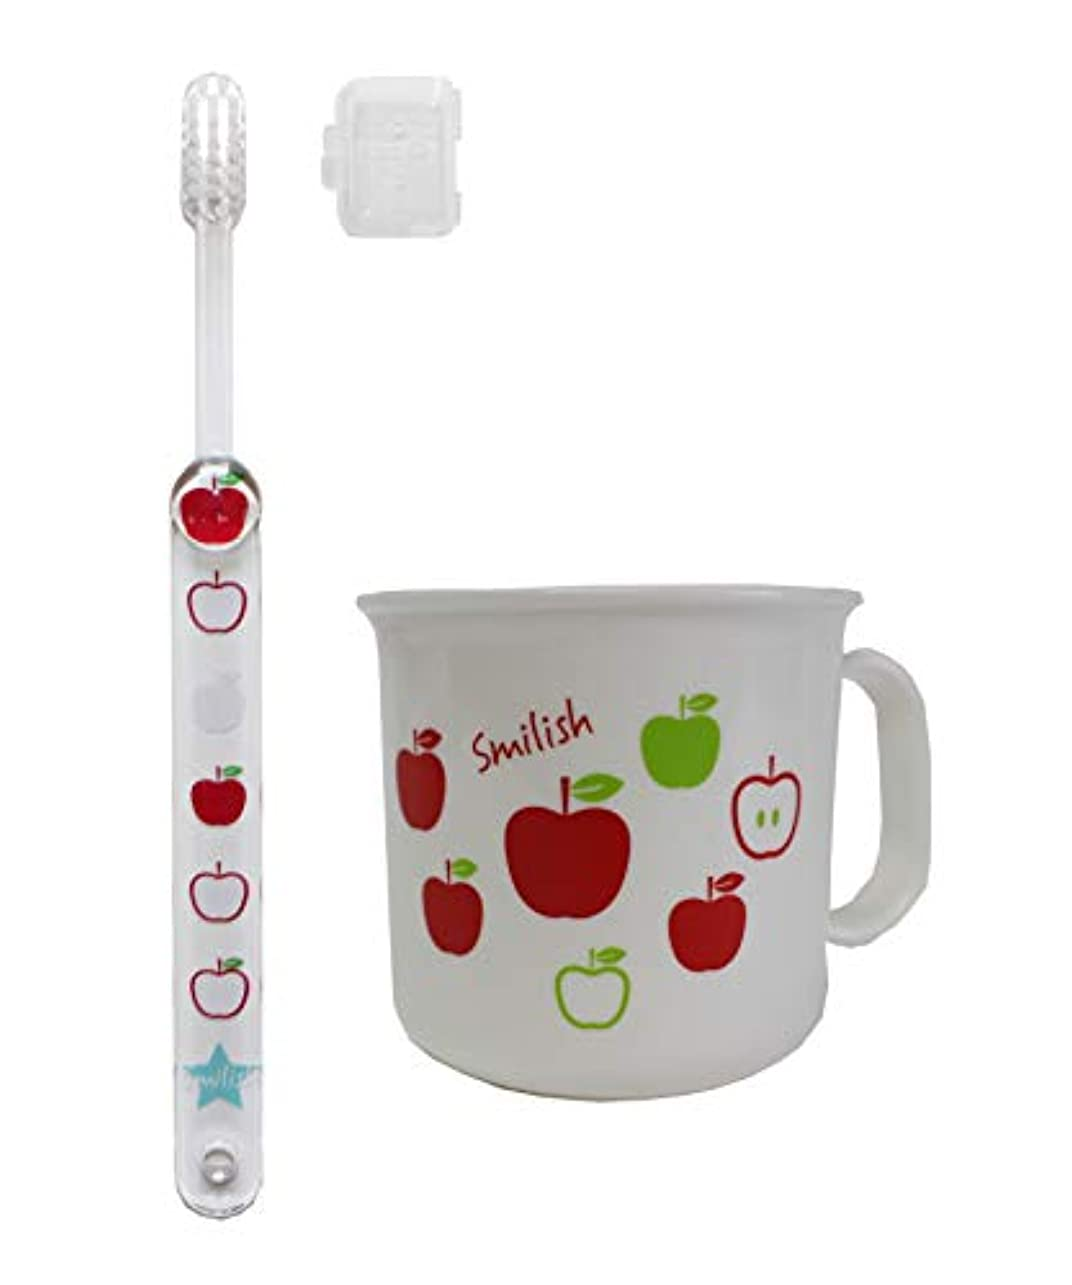 バンク一般ネックレット子ども歯ブラシ(キャップ付き) 耐熱コップセット アップル